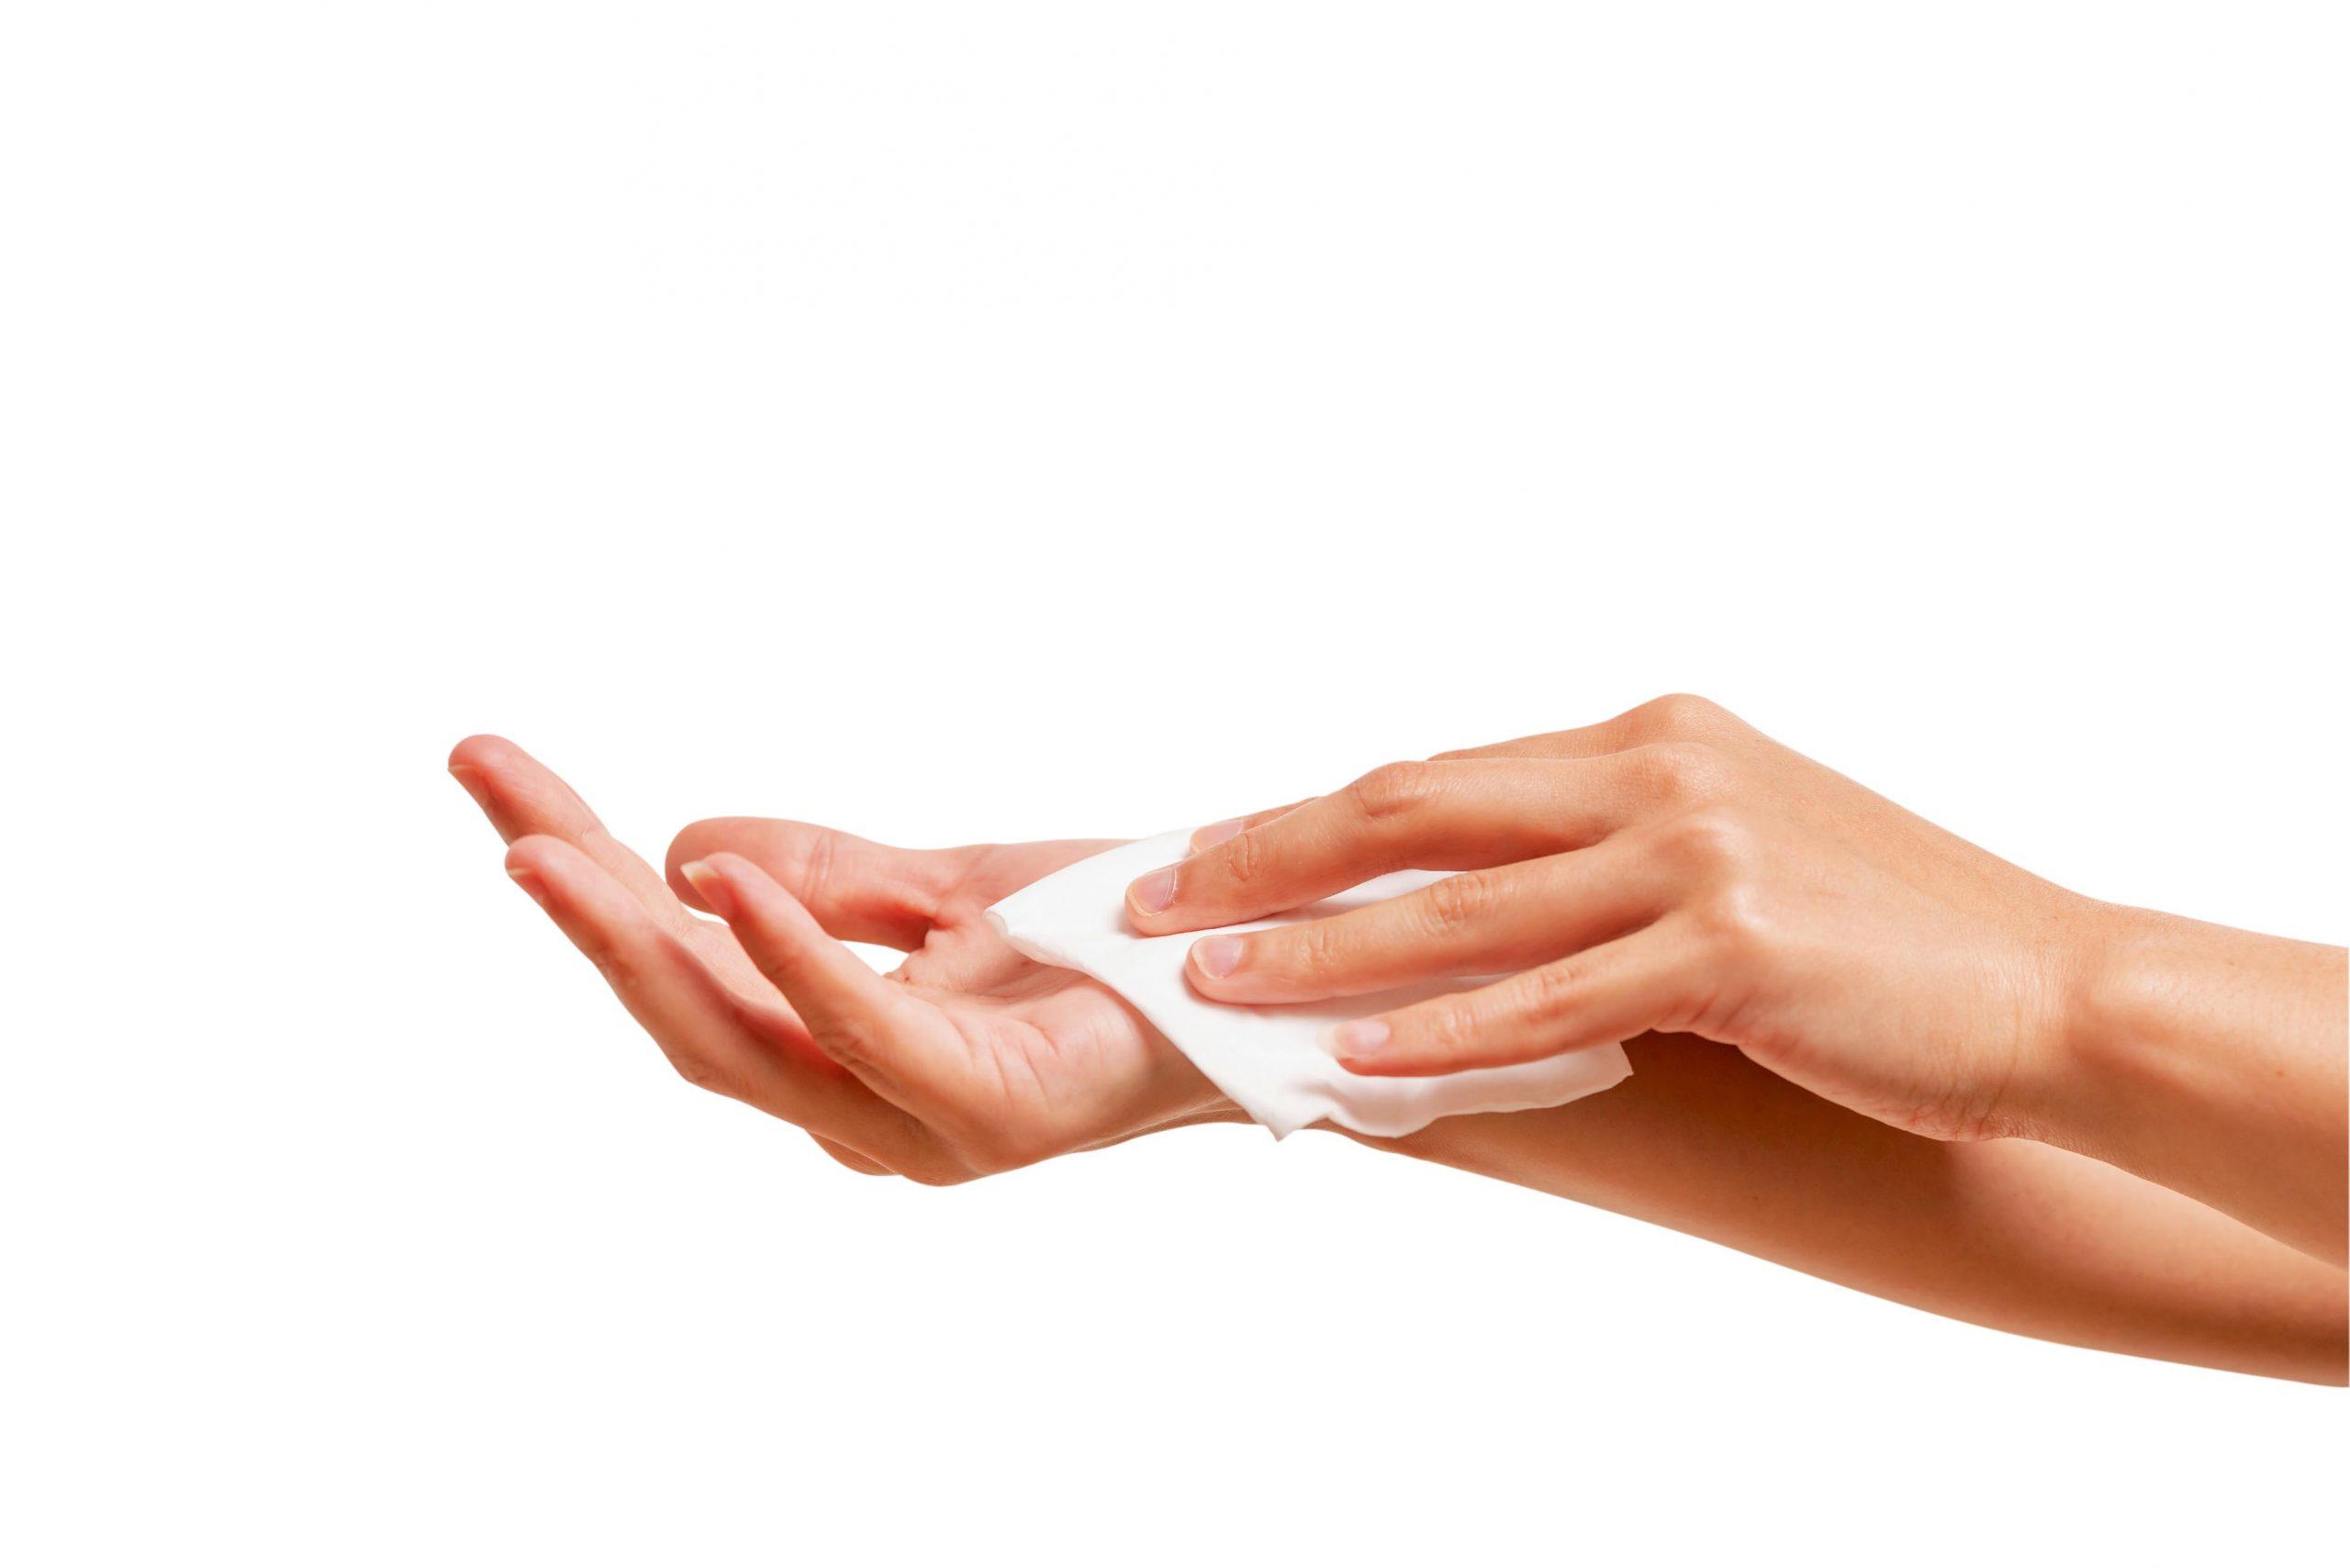 Υπεριδρωσία των χεριών: Υπάρχει Λύση;